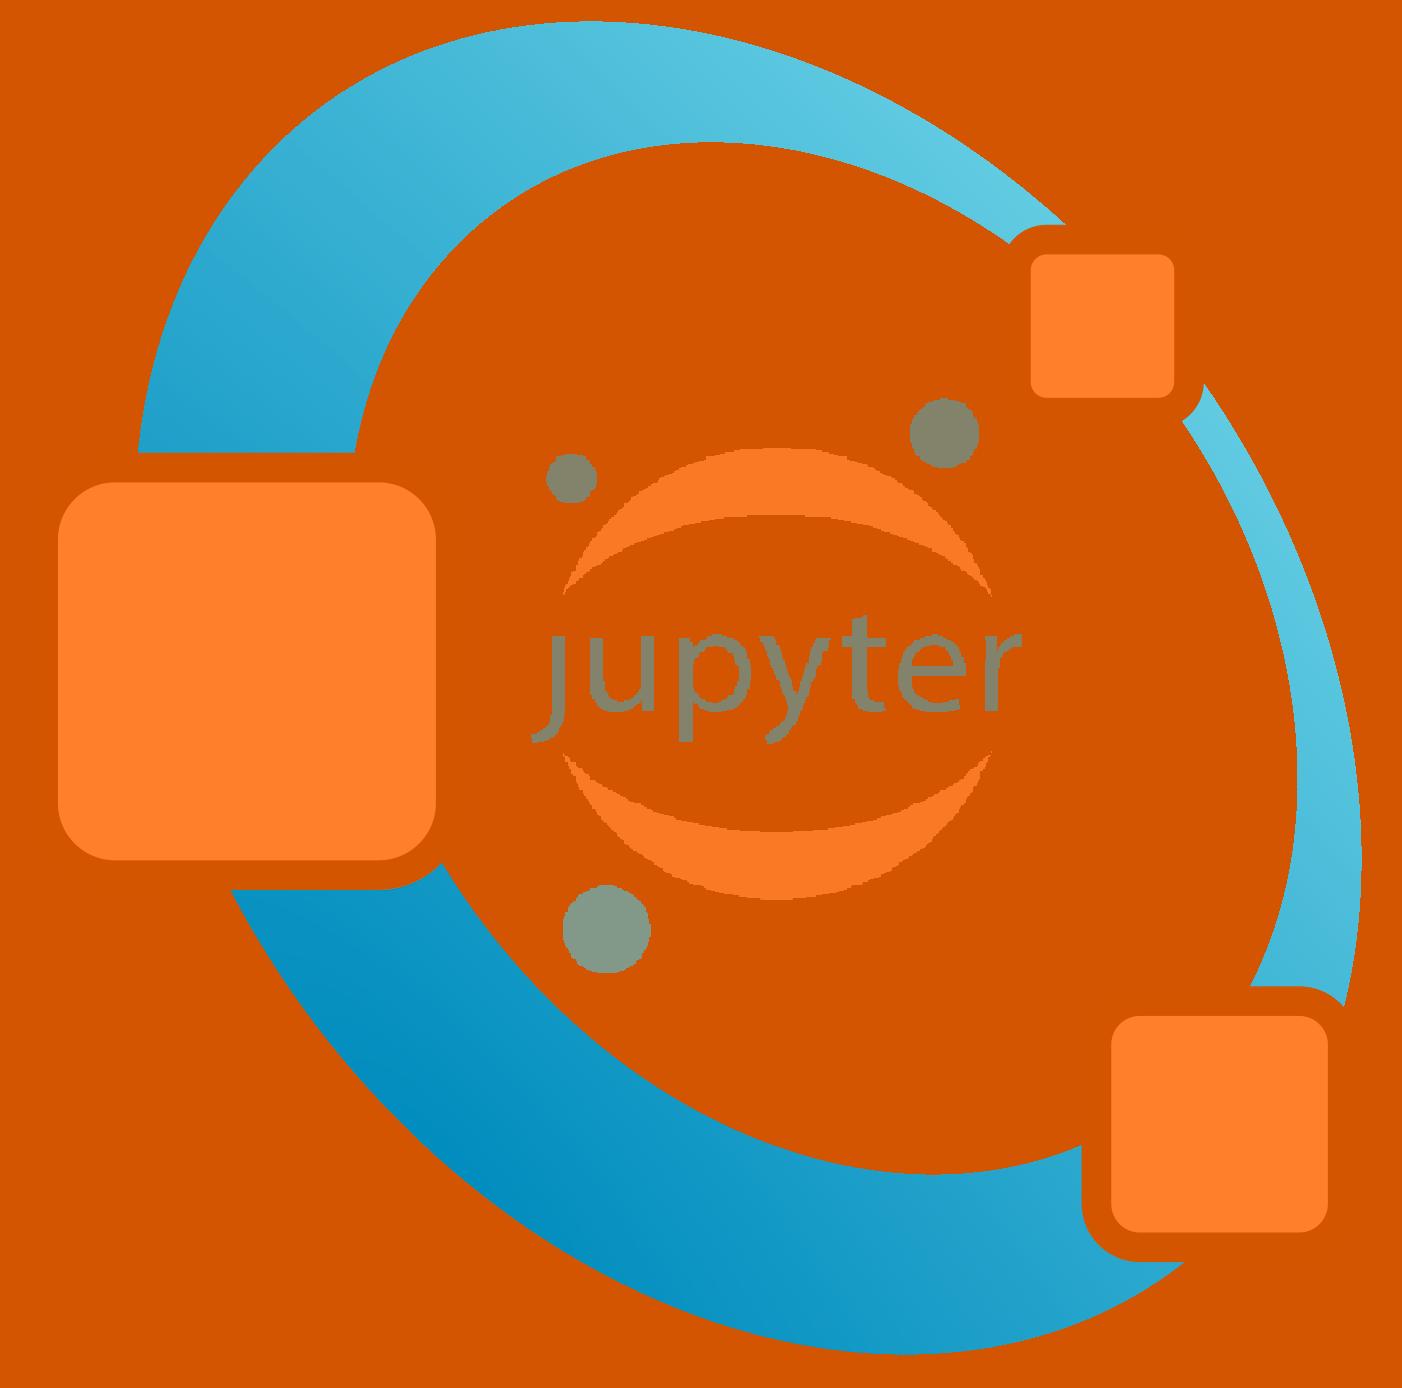 jupyter-notebook